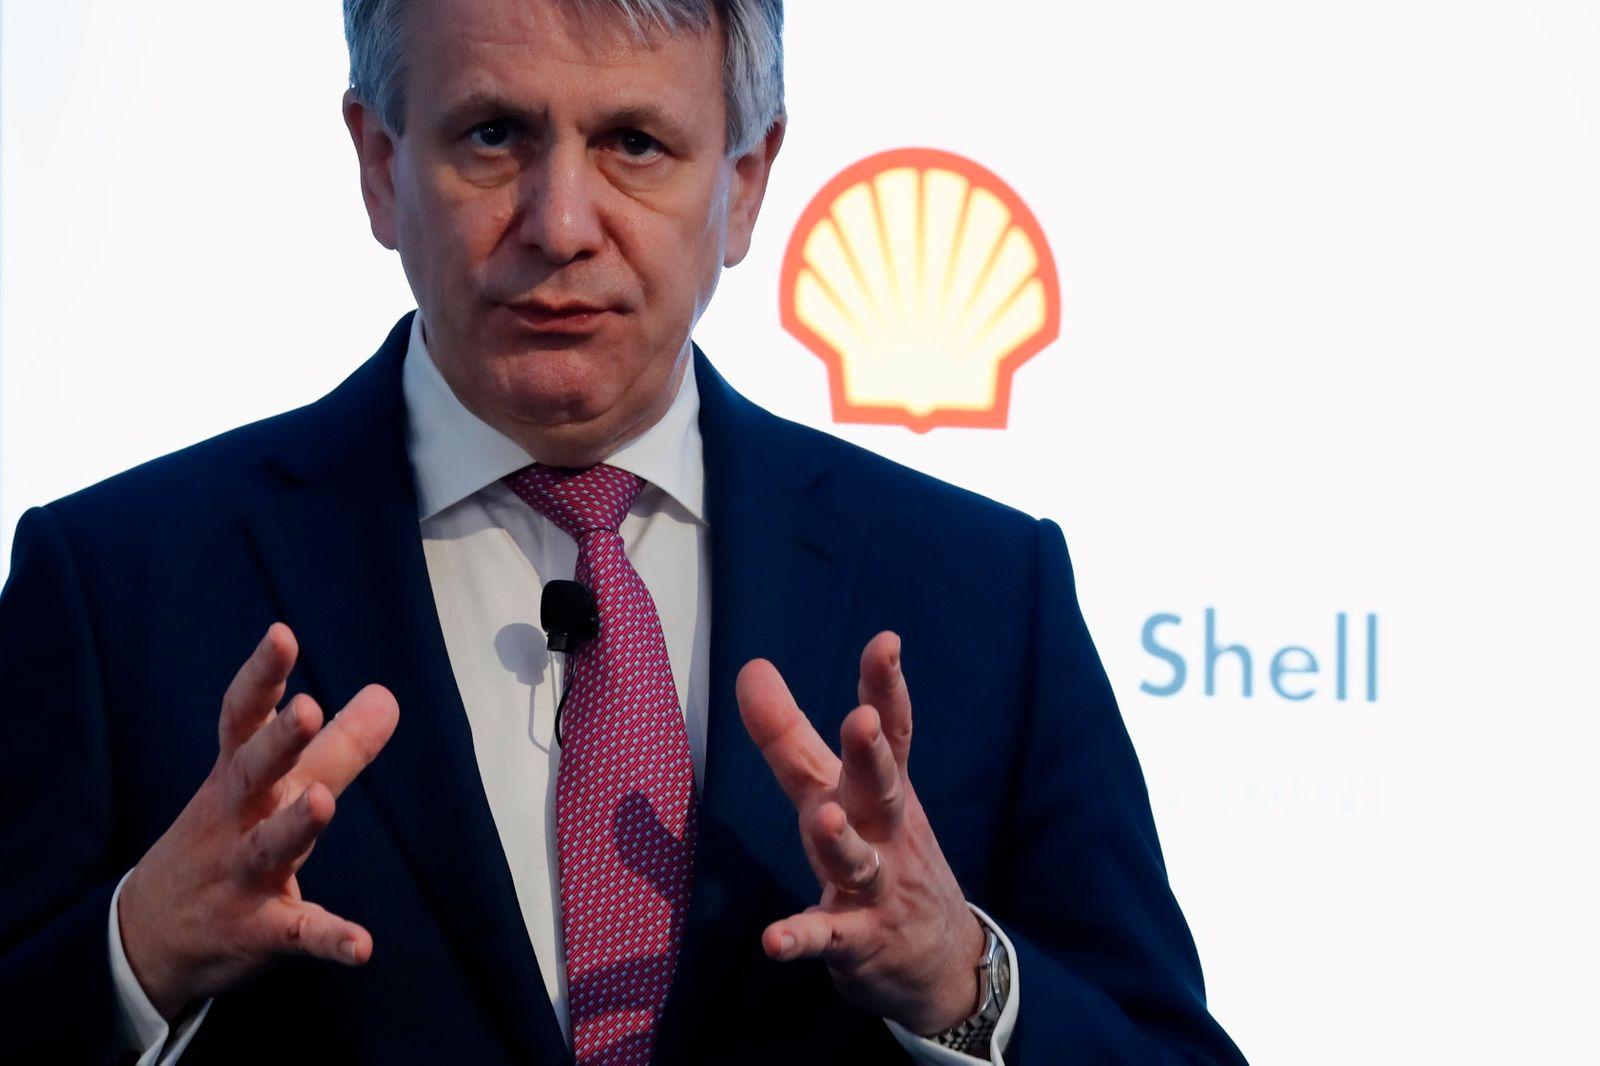 Shell / Ben van Beurden